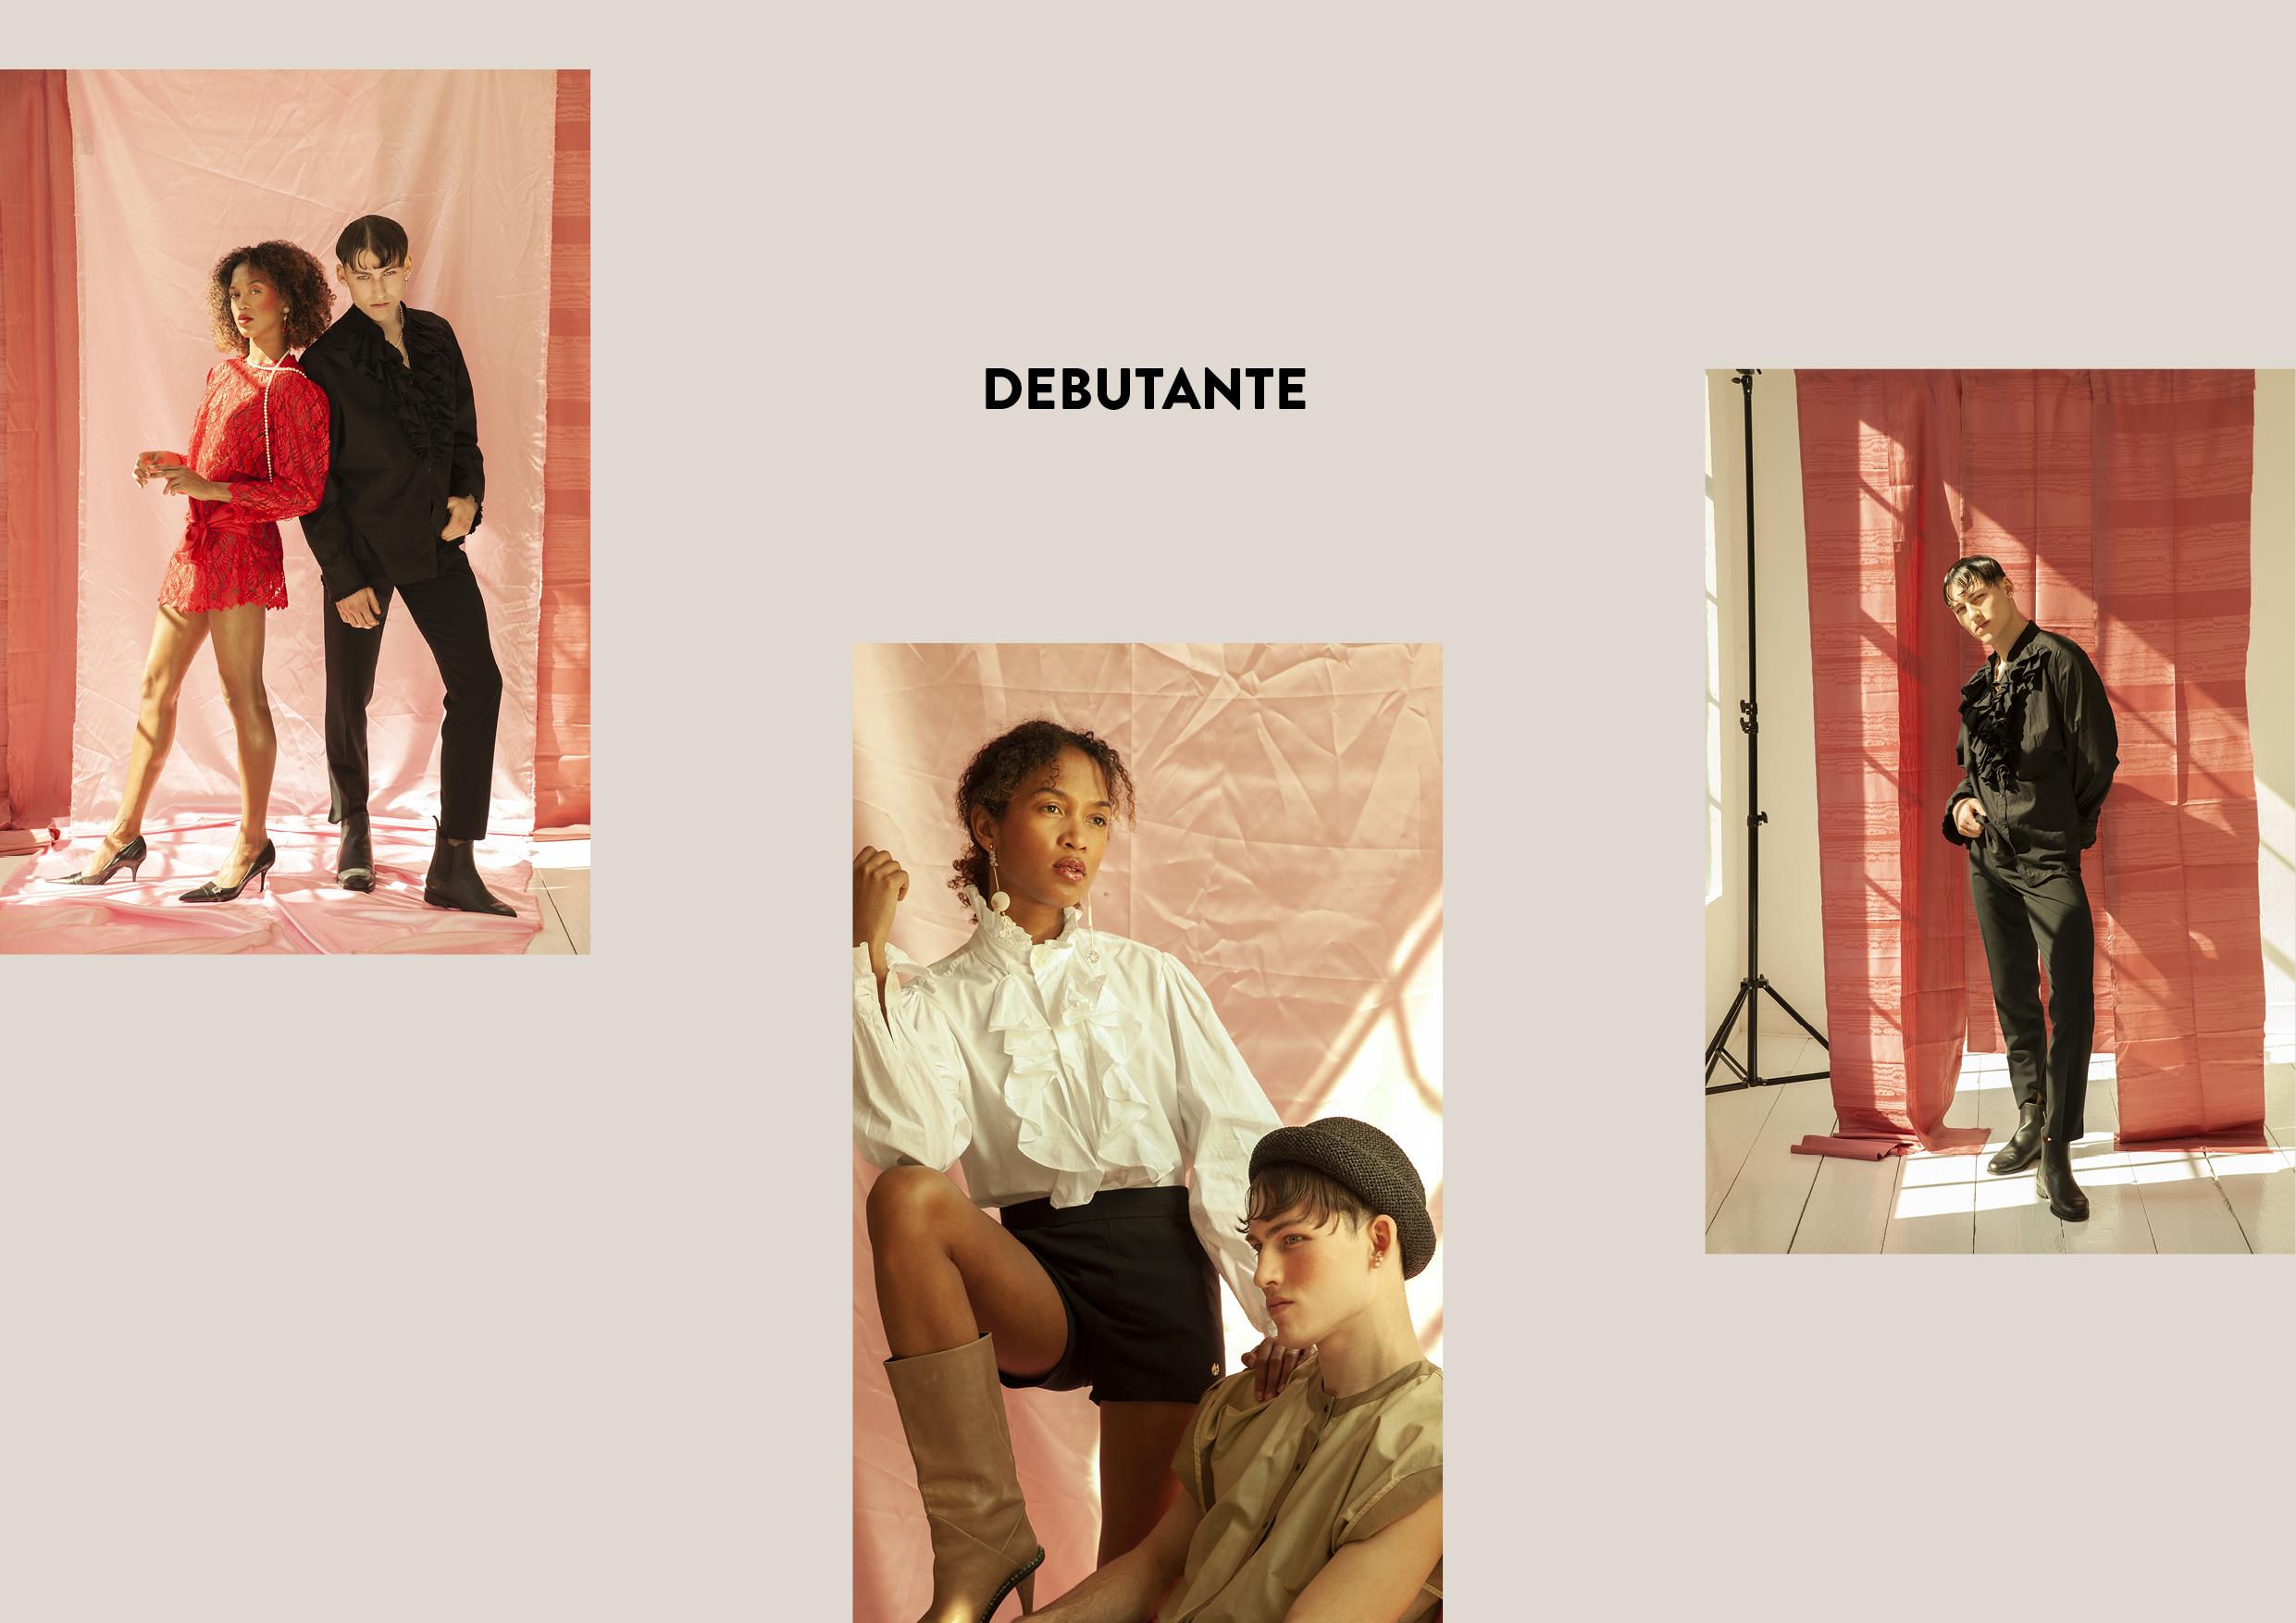 Debutante_Layout2.jpg